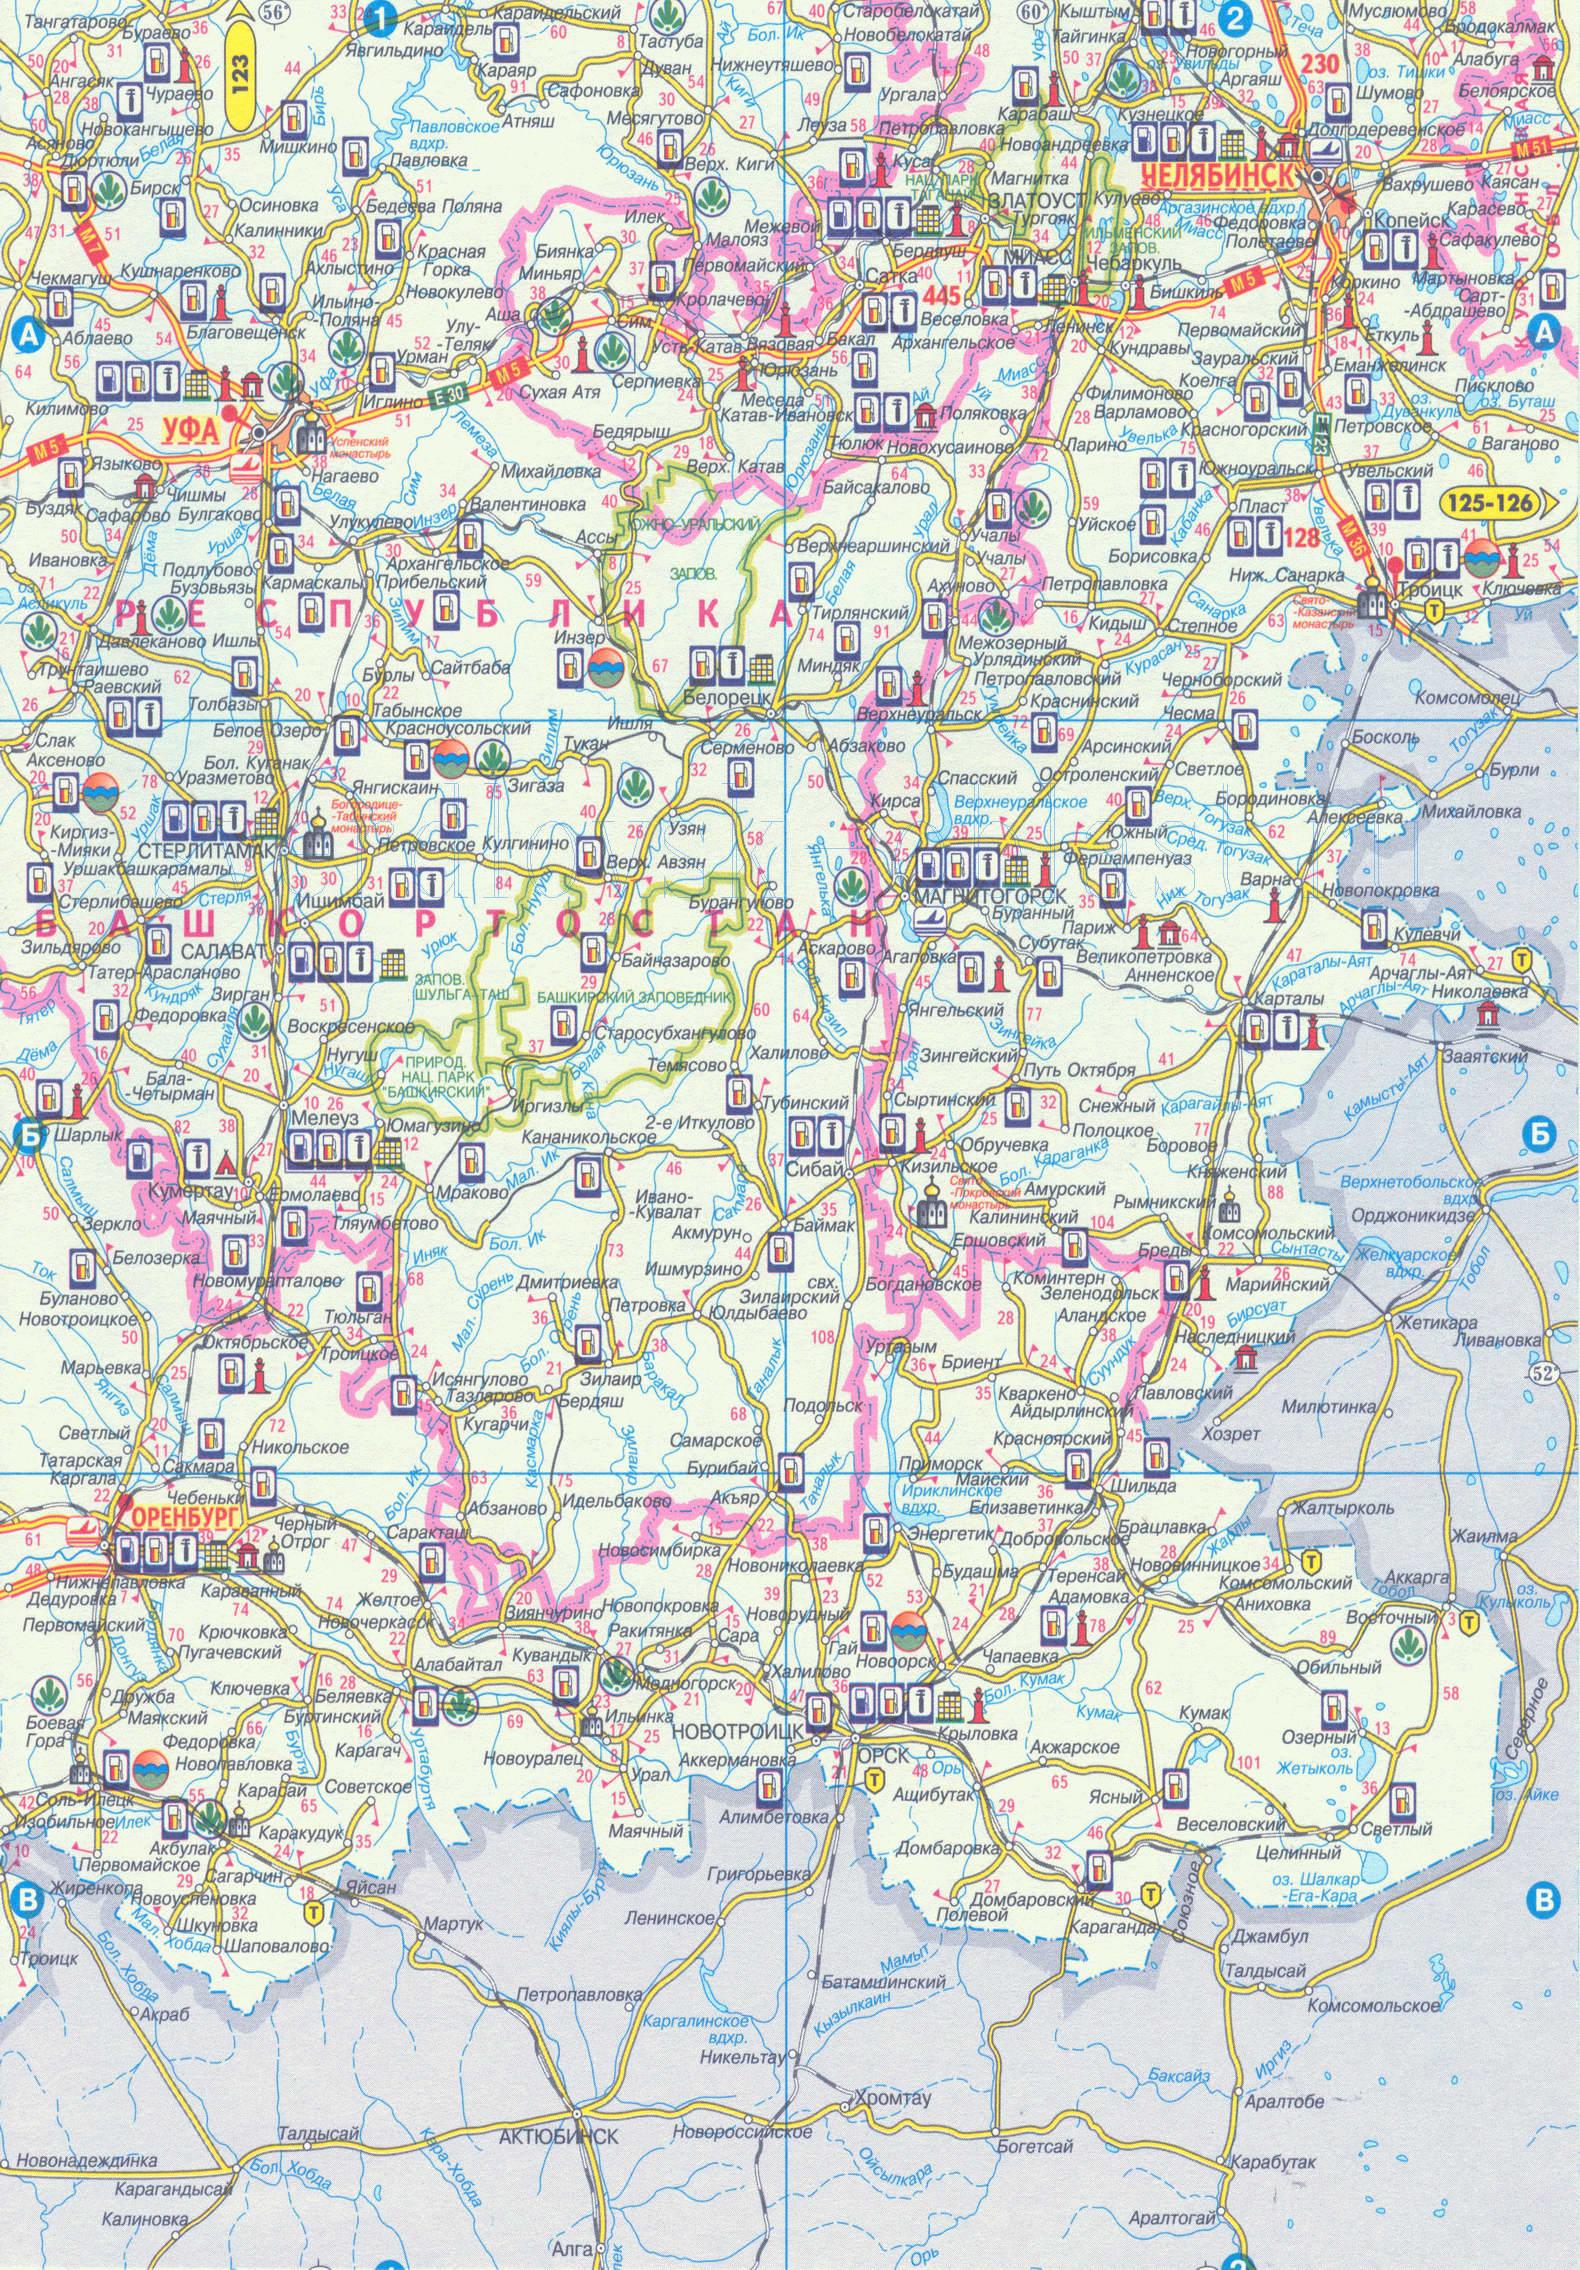 Южный урал карта дорог южного урала a1